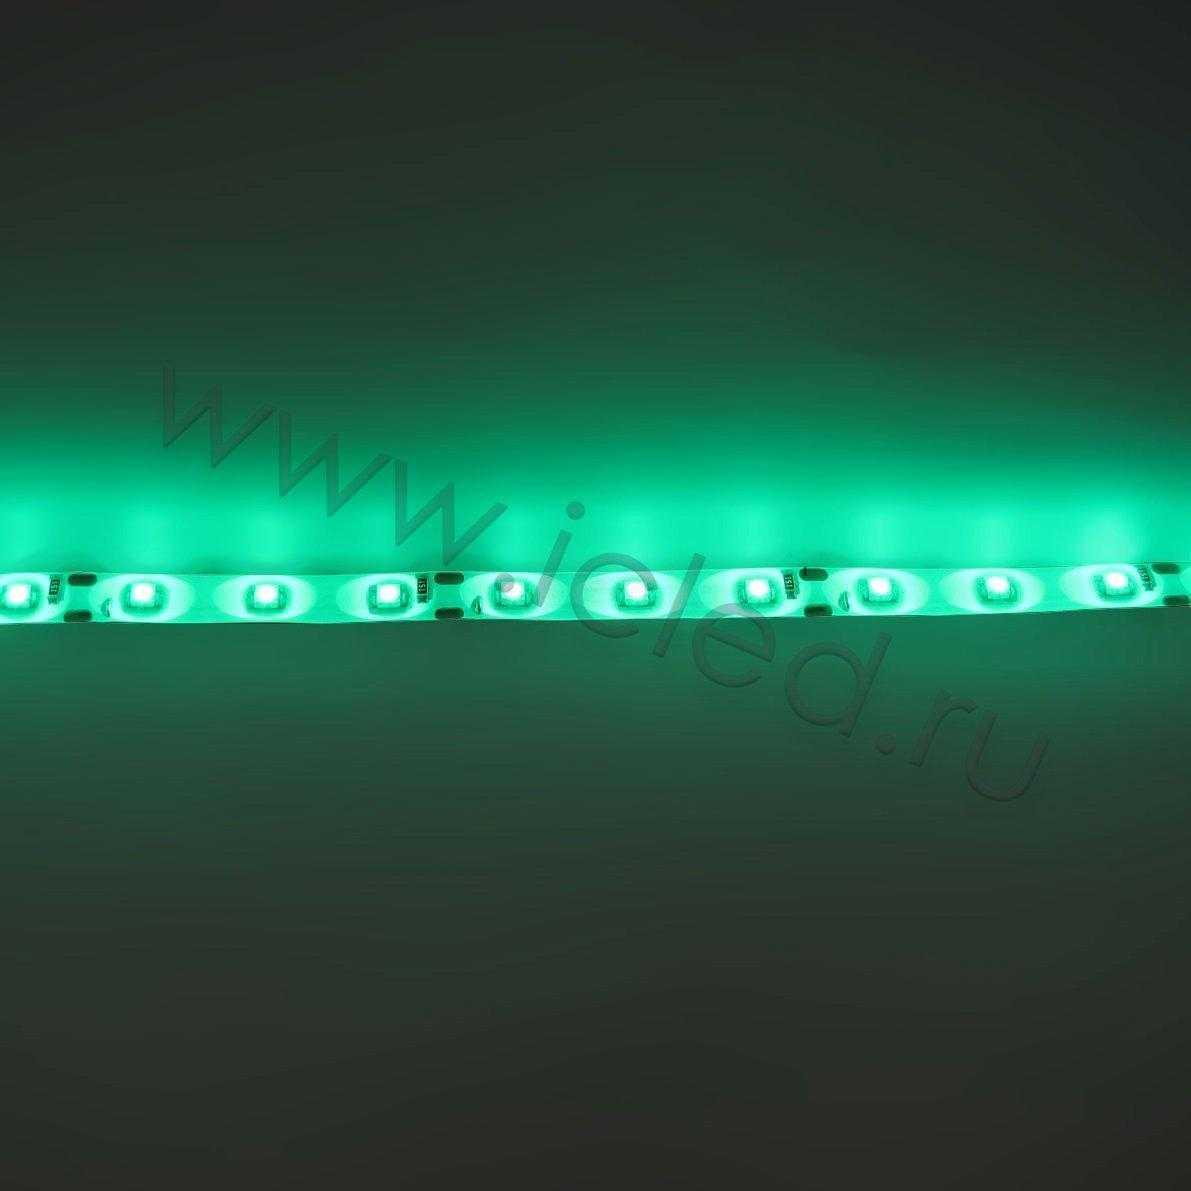 Светодиодная лента Econom class, 3528, 60led/m, Green, 12V, IP65